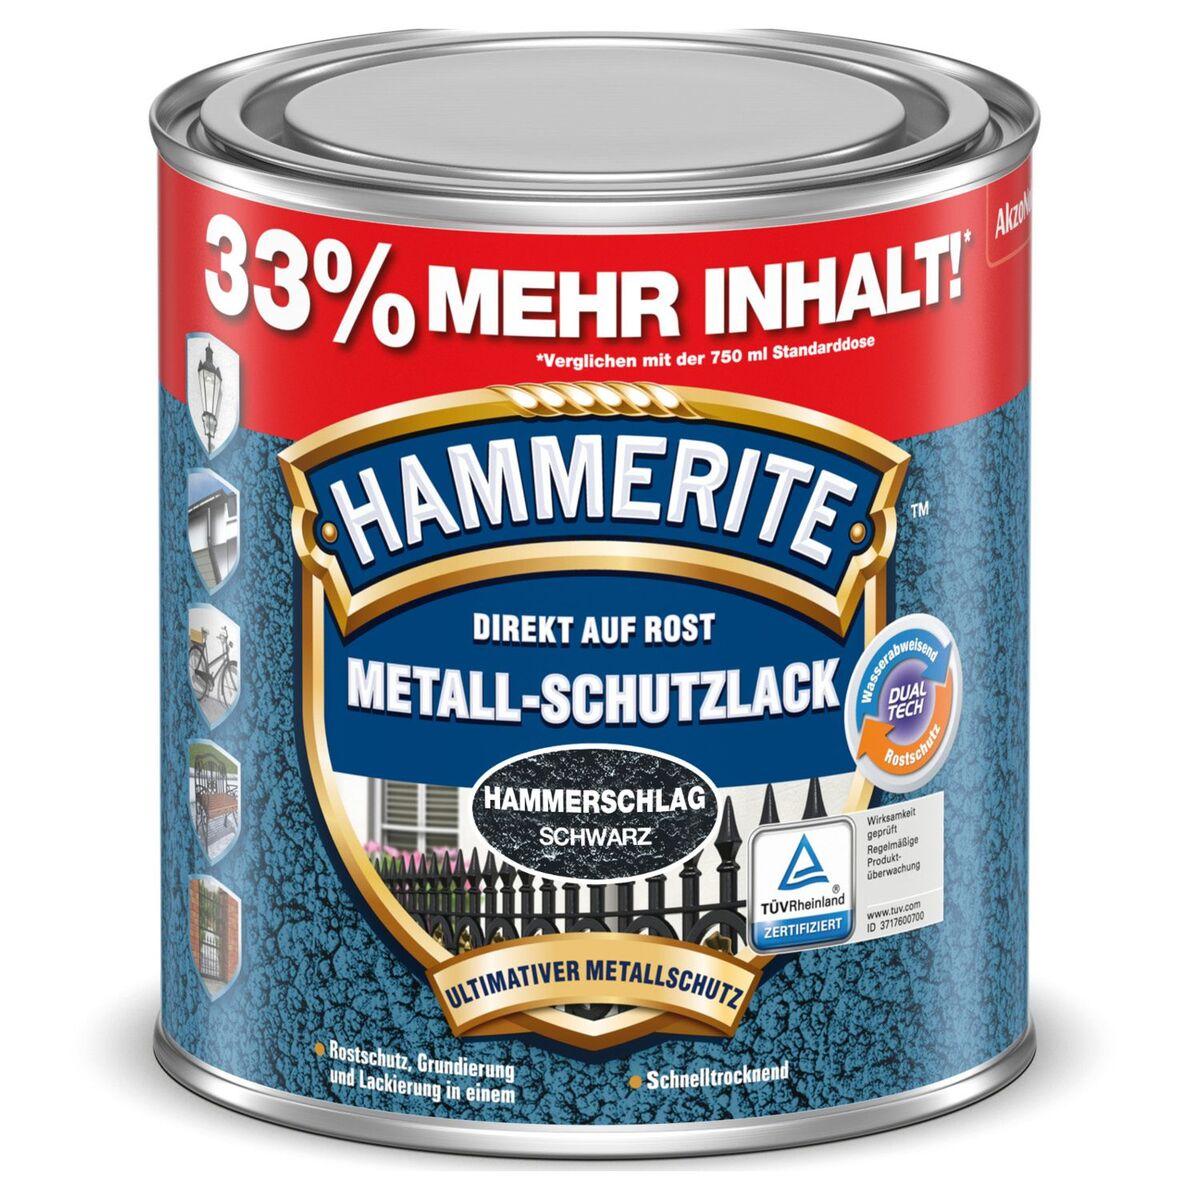 Bild 5 von HAMMERITE™ Metall-Schutzlack 1 l